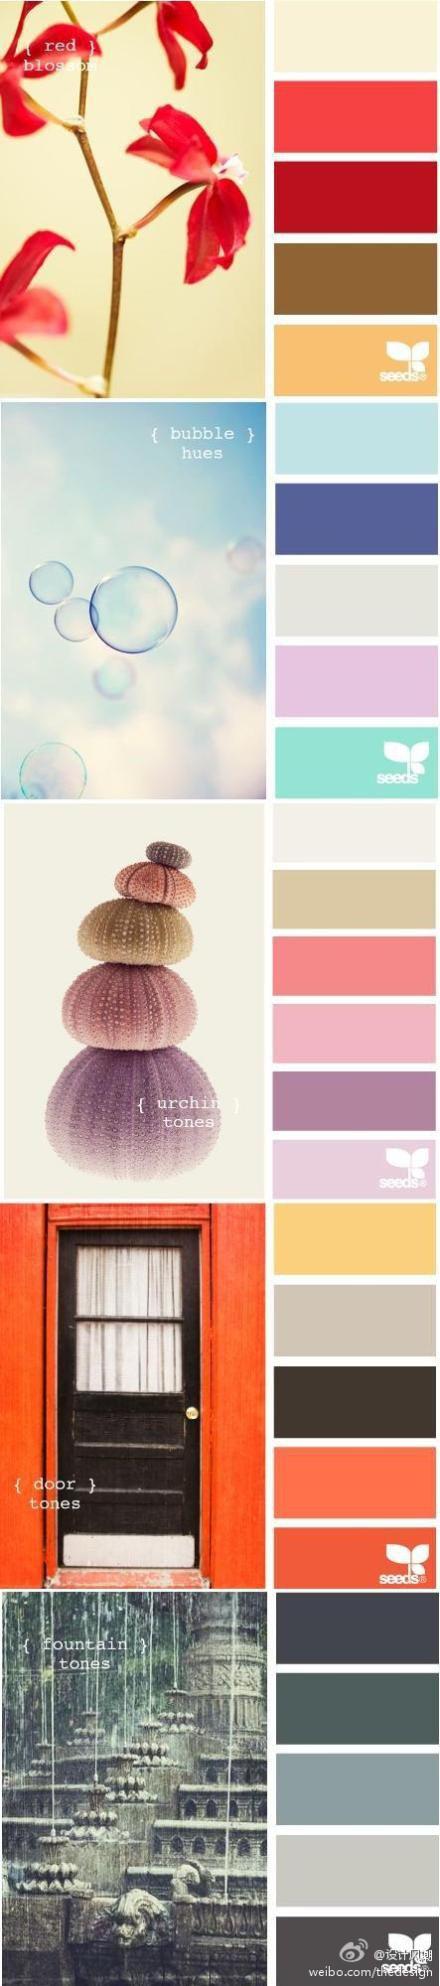 Thiết kế xu hướng: Mimi màu sắc!  - Sinh viên Lee 017 ...